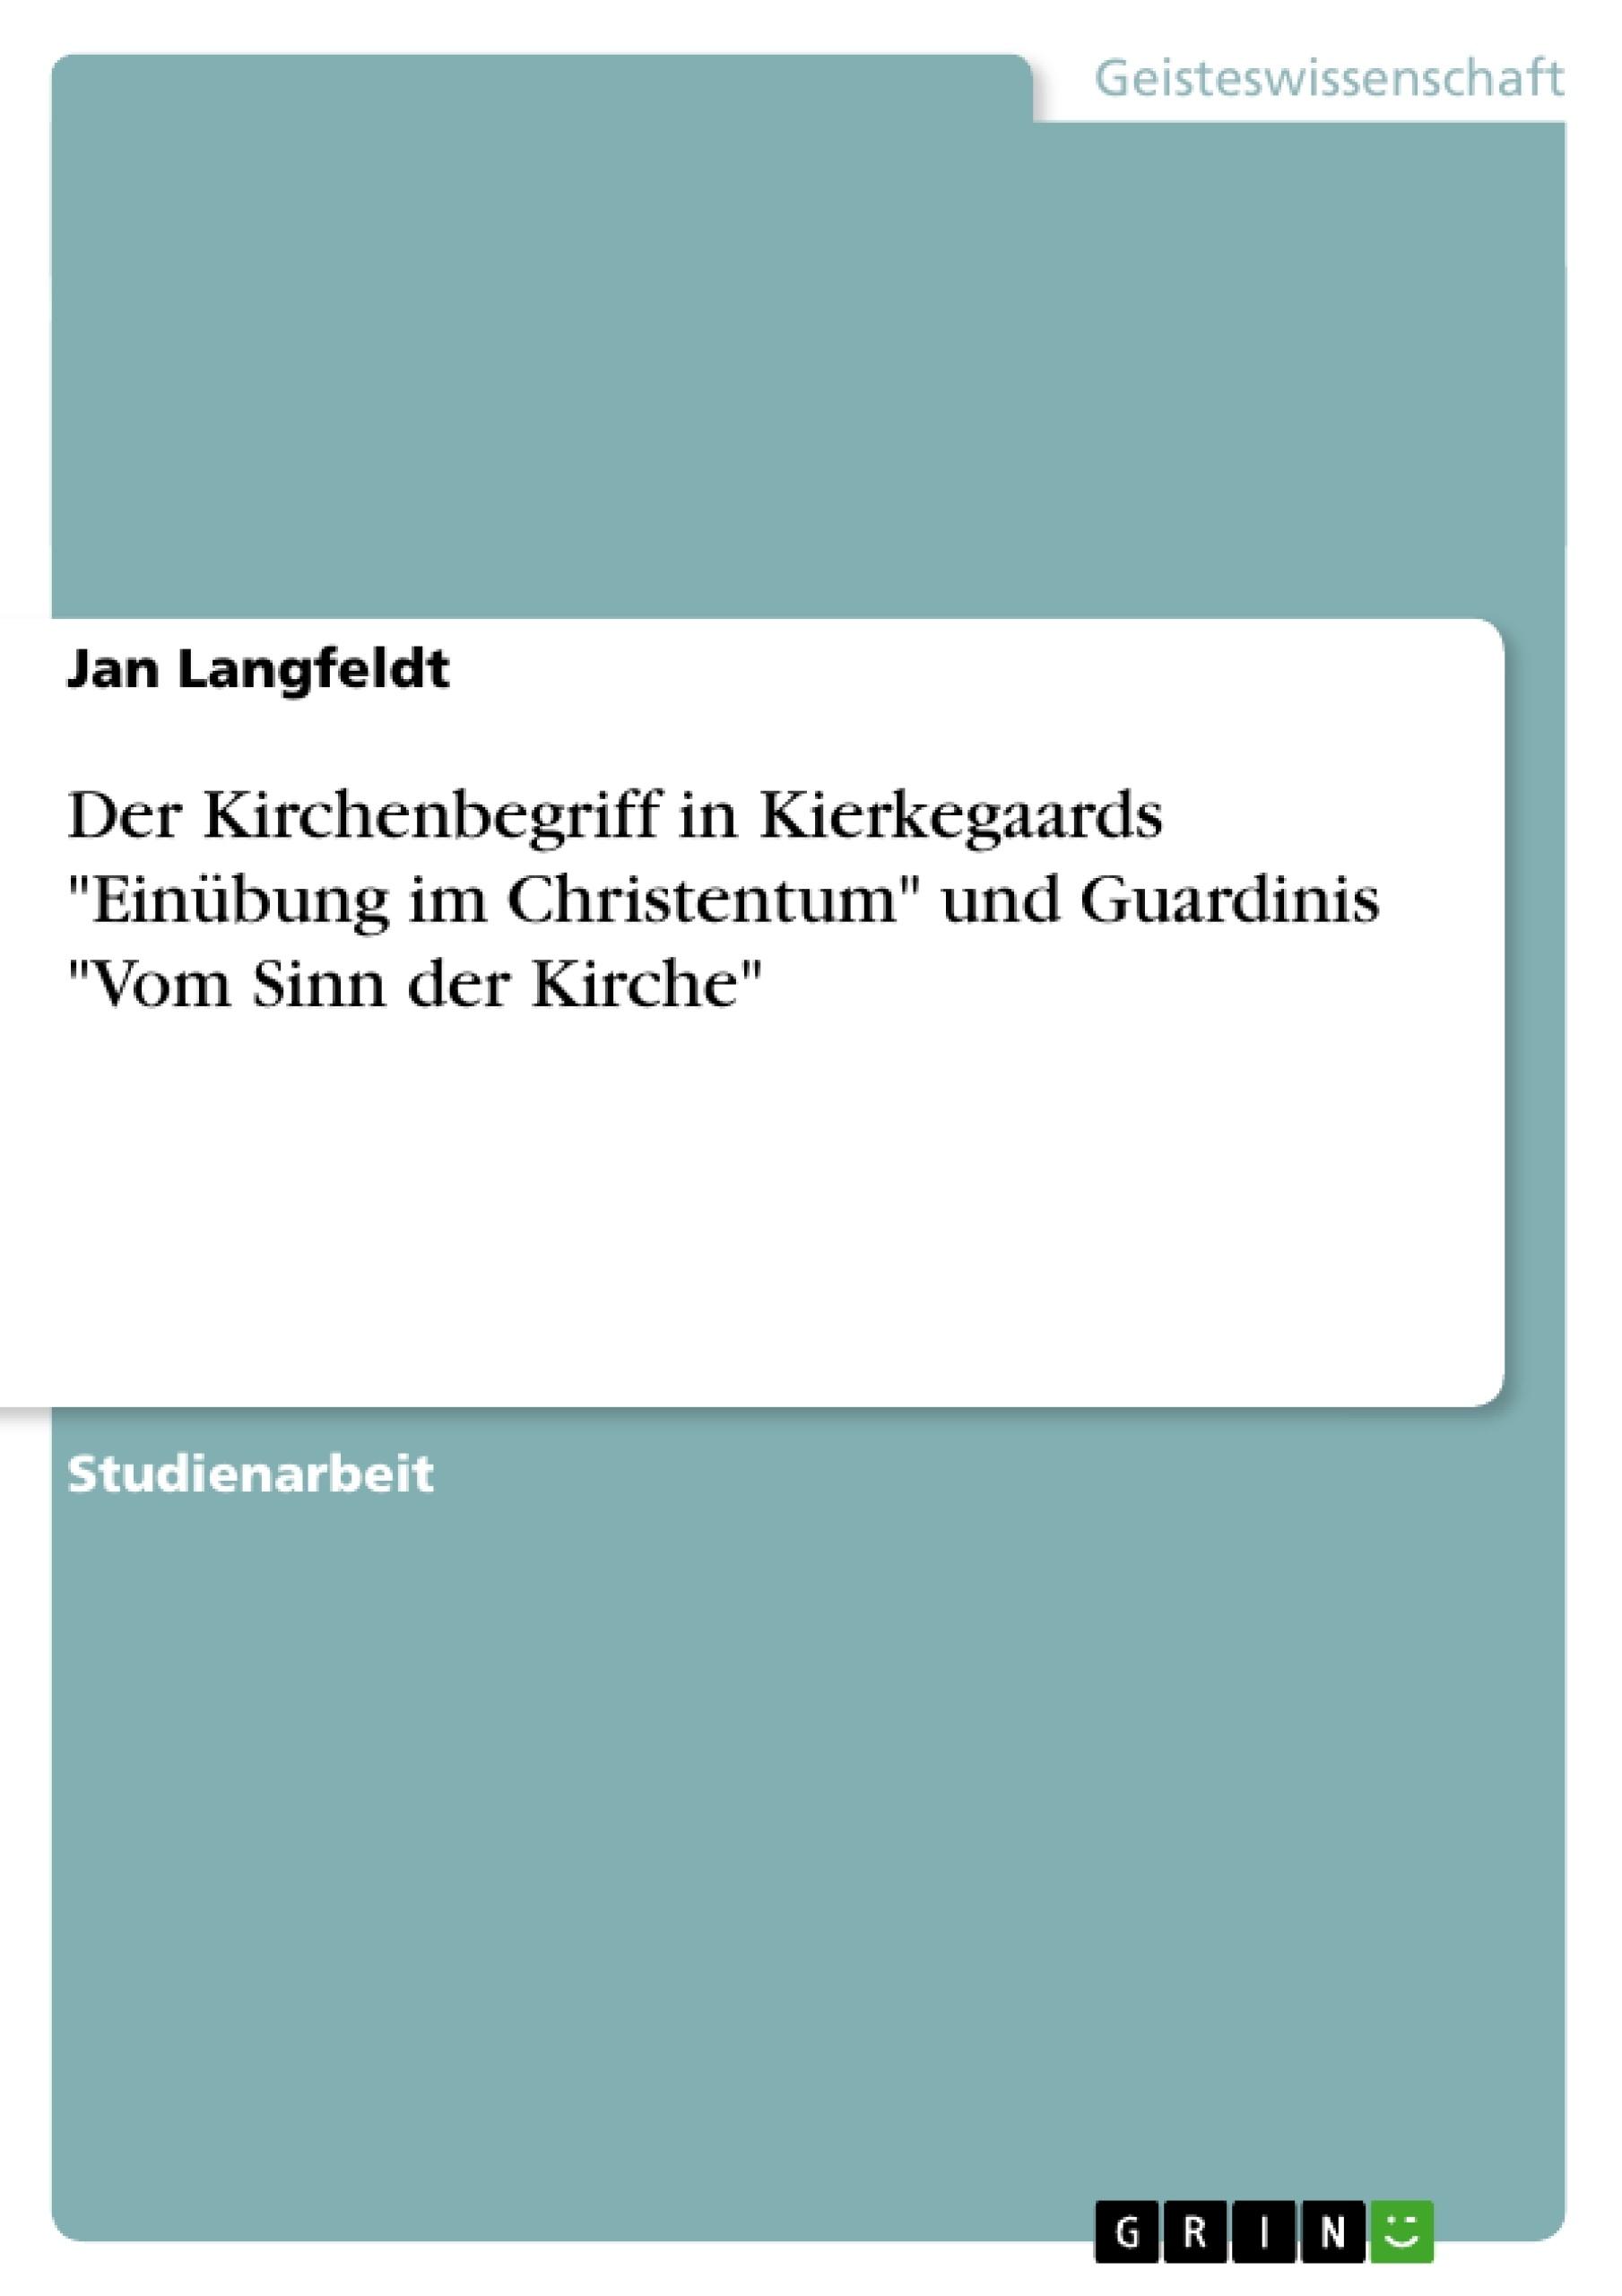 """Titel: Der Kirchenbegriff in Kierkegaards """"Einübung im Christentum"""" und Guardinis """"Vom Sinn der Kirche"""""""